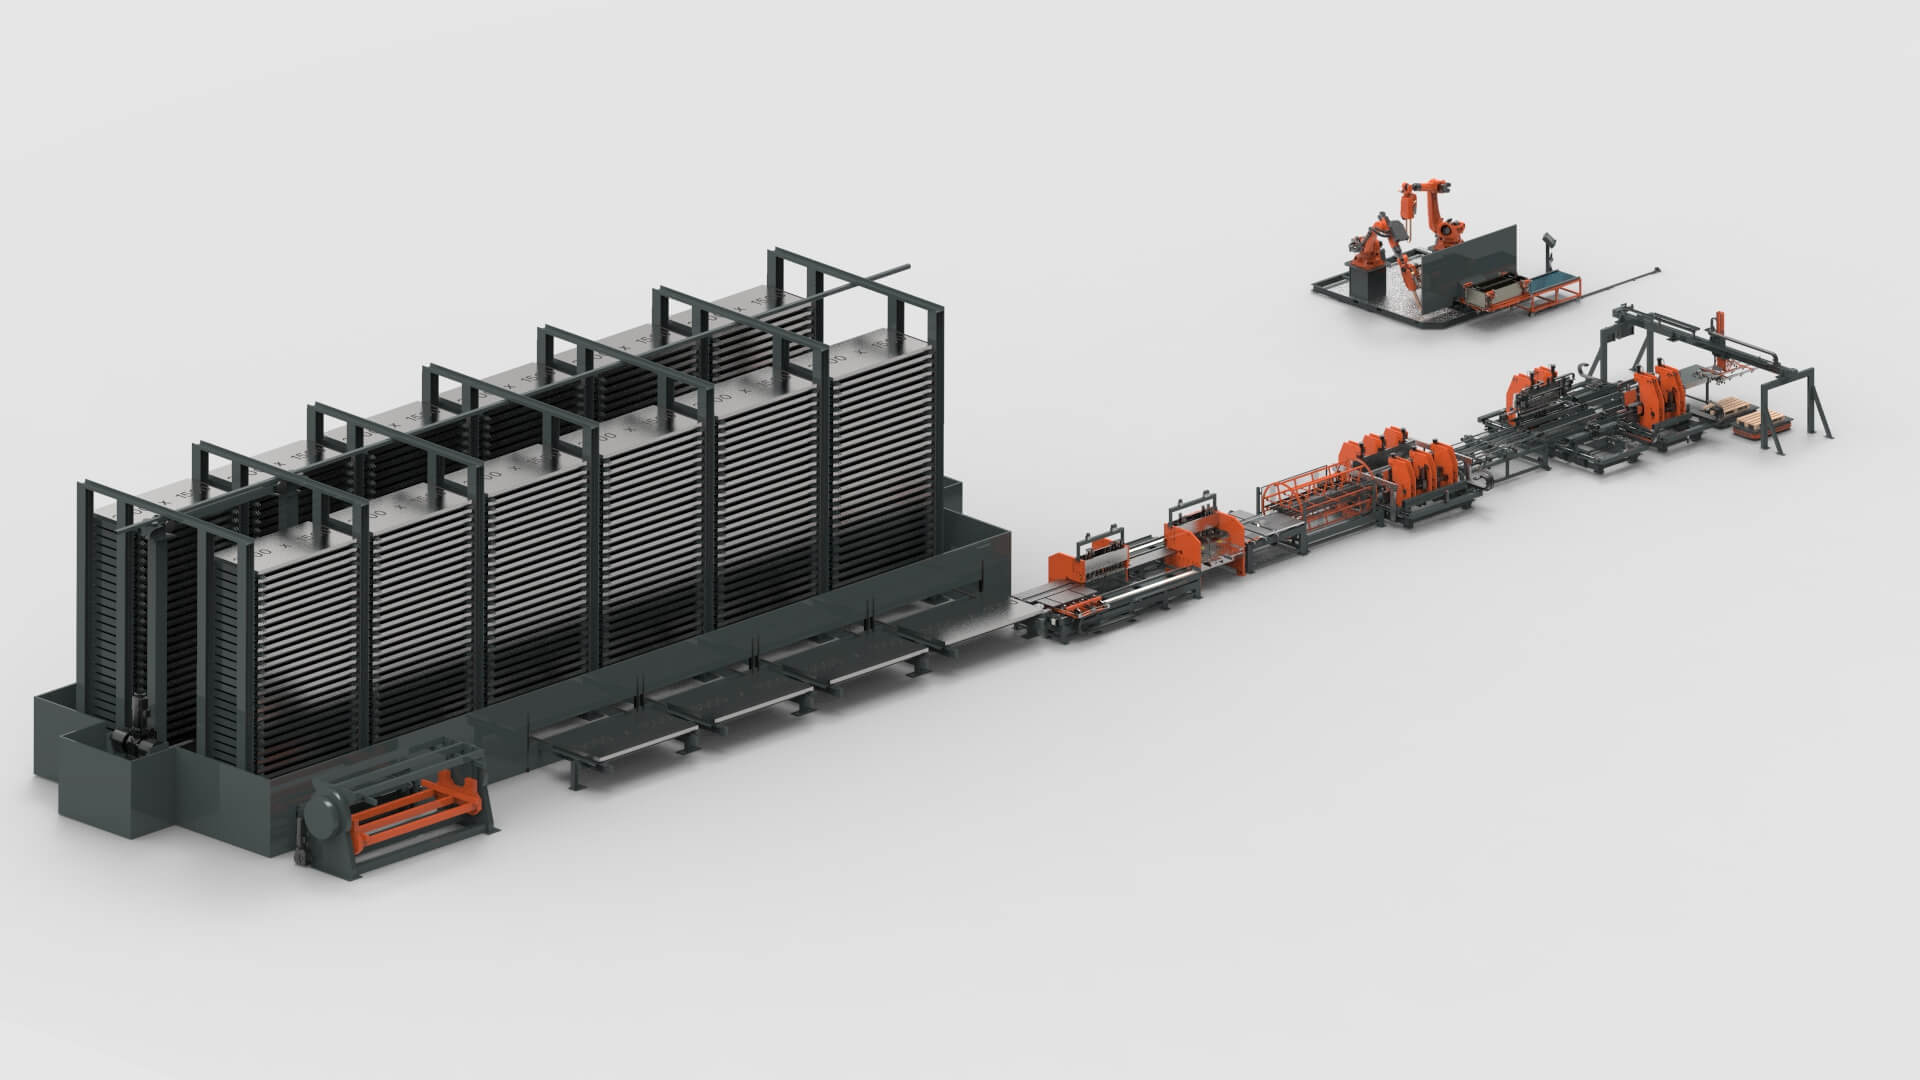 wemo-stalen-kasten-plaatbewerking-platenmagazijn-ponsen-buigen-lassen-productielijn